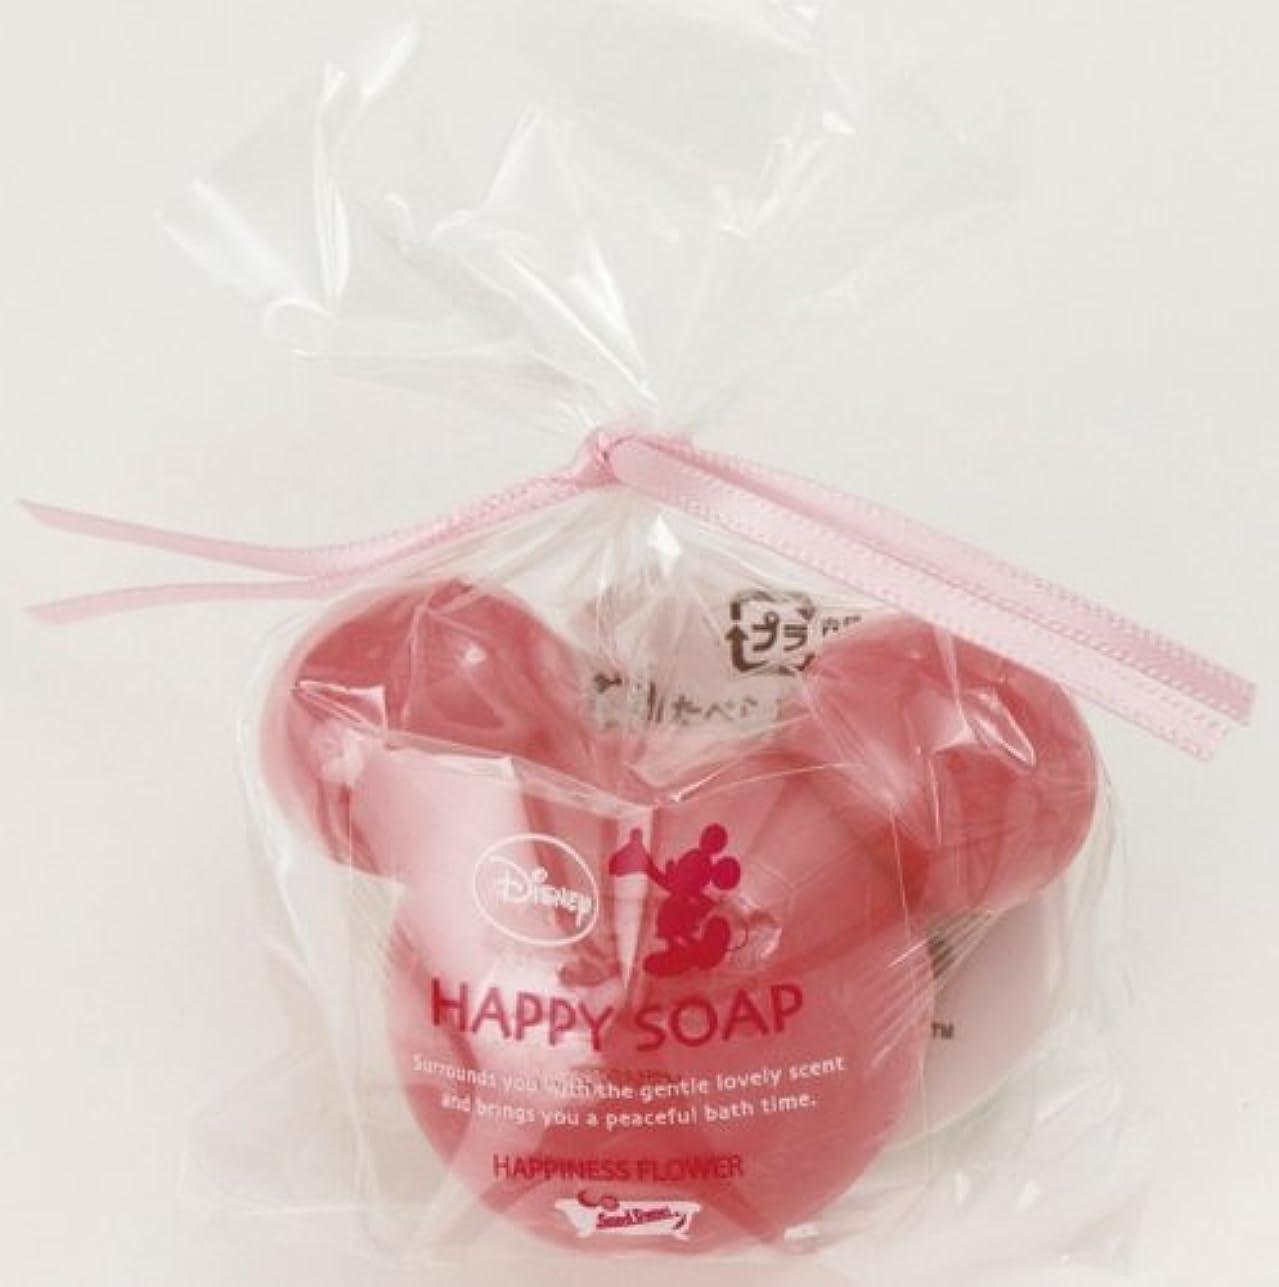 あごホール少ないミッキーマウスとバスタイム?ハッピーソープのプチギフト ディープピンク(ローズの香り)【結婚式 ホワイトデー 記念品】